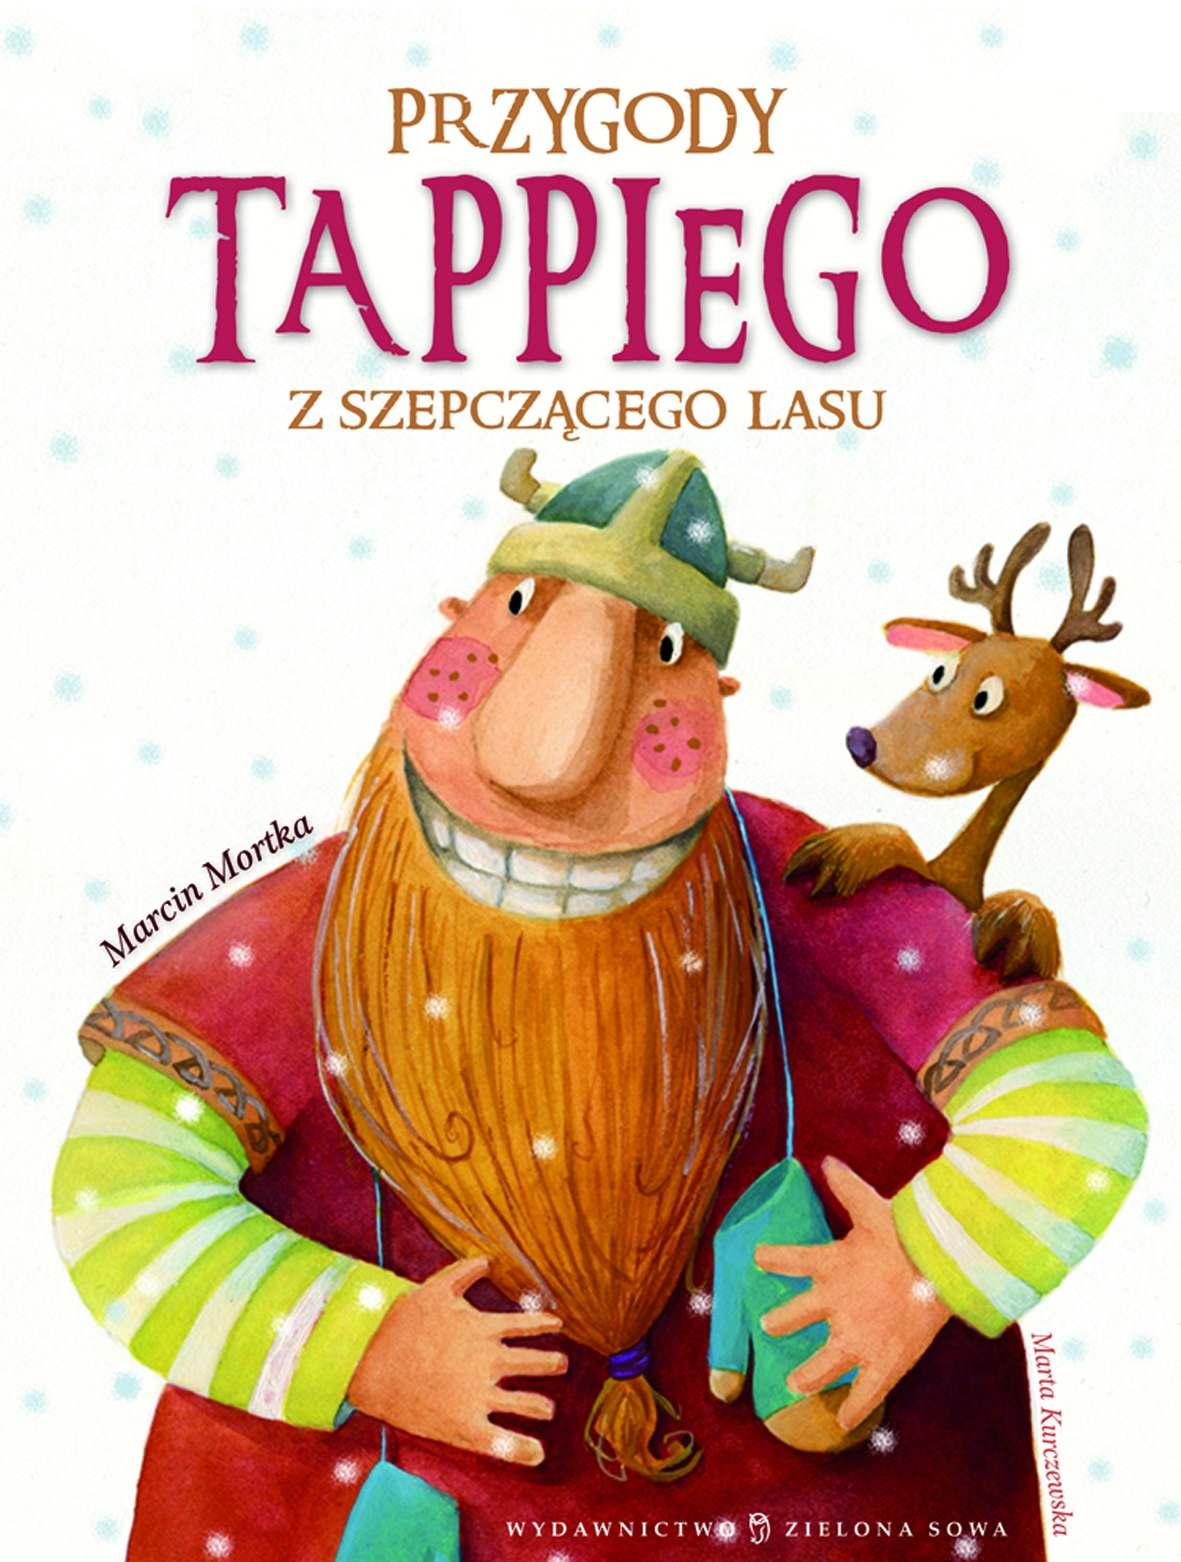 Przygody Tappiego z Szepczącego Lasu - Ebook (Książka EPUB) do pobrania w formacie EPUB